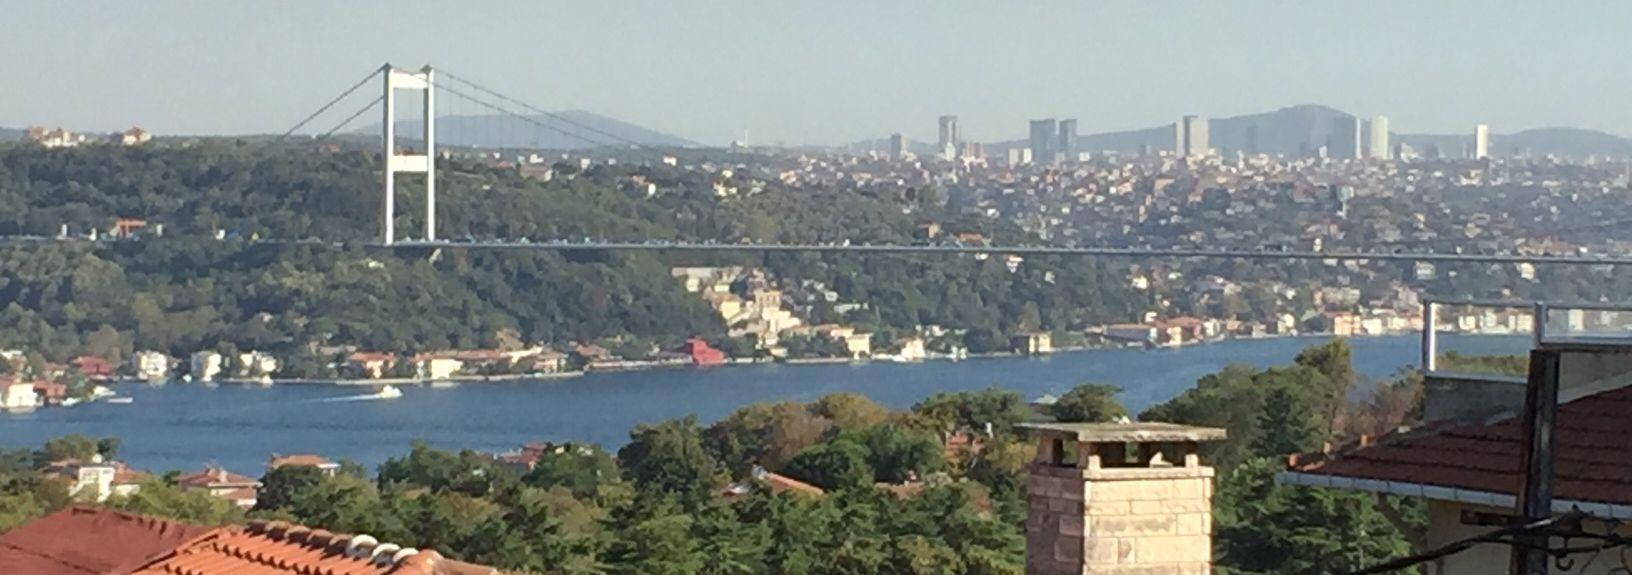 Zekeriyakoy, Provincia de Estambul, Turquía